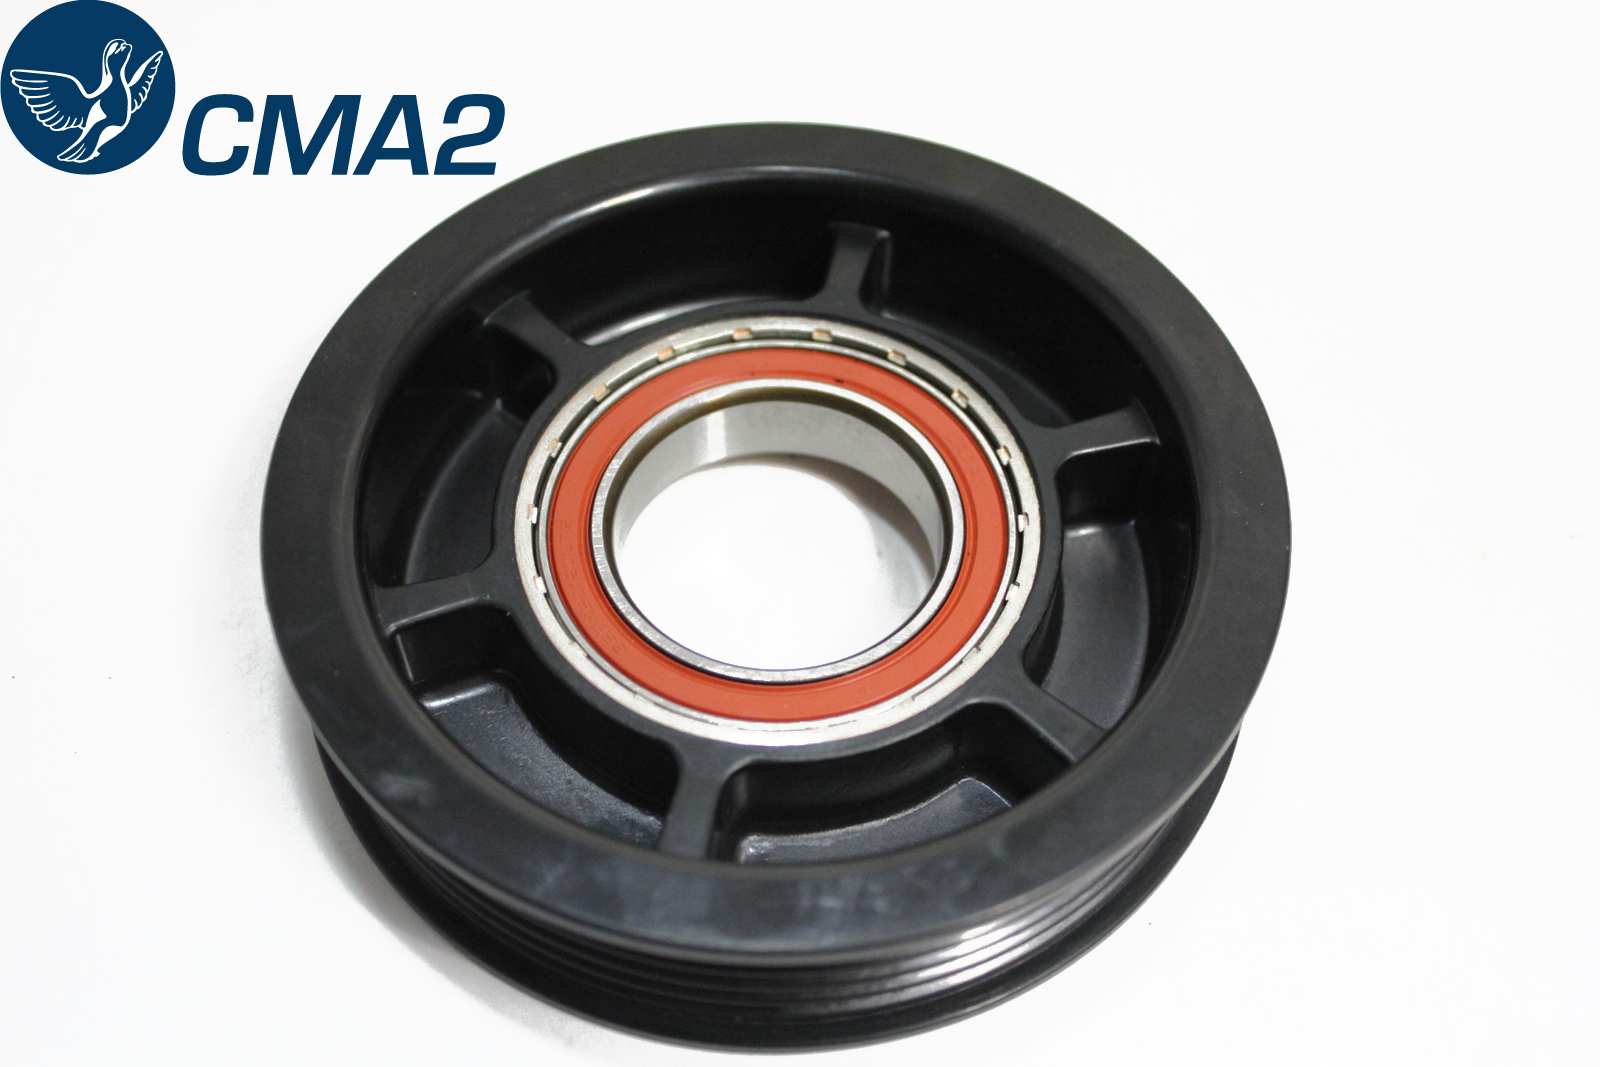 Шкив компрессора кондиционера Митсубиси Кольт 7813A058 7813A132.